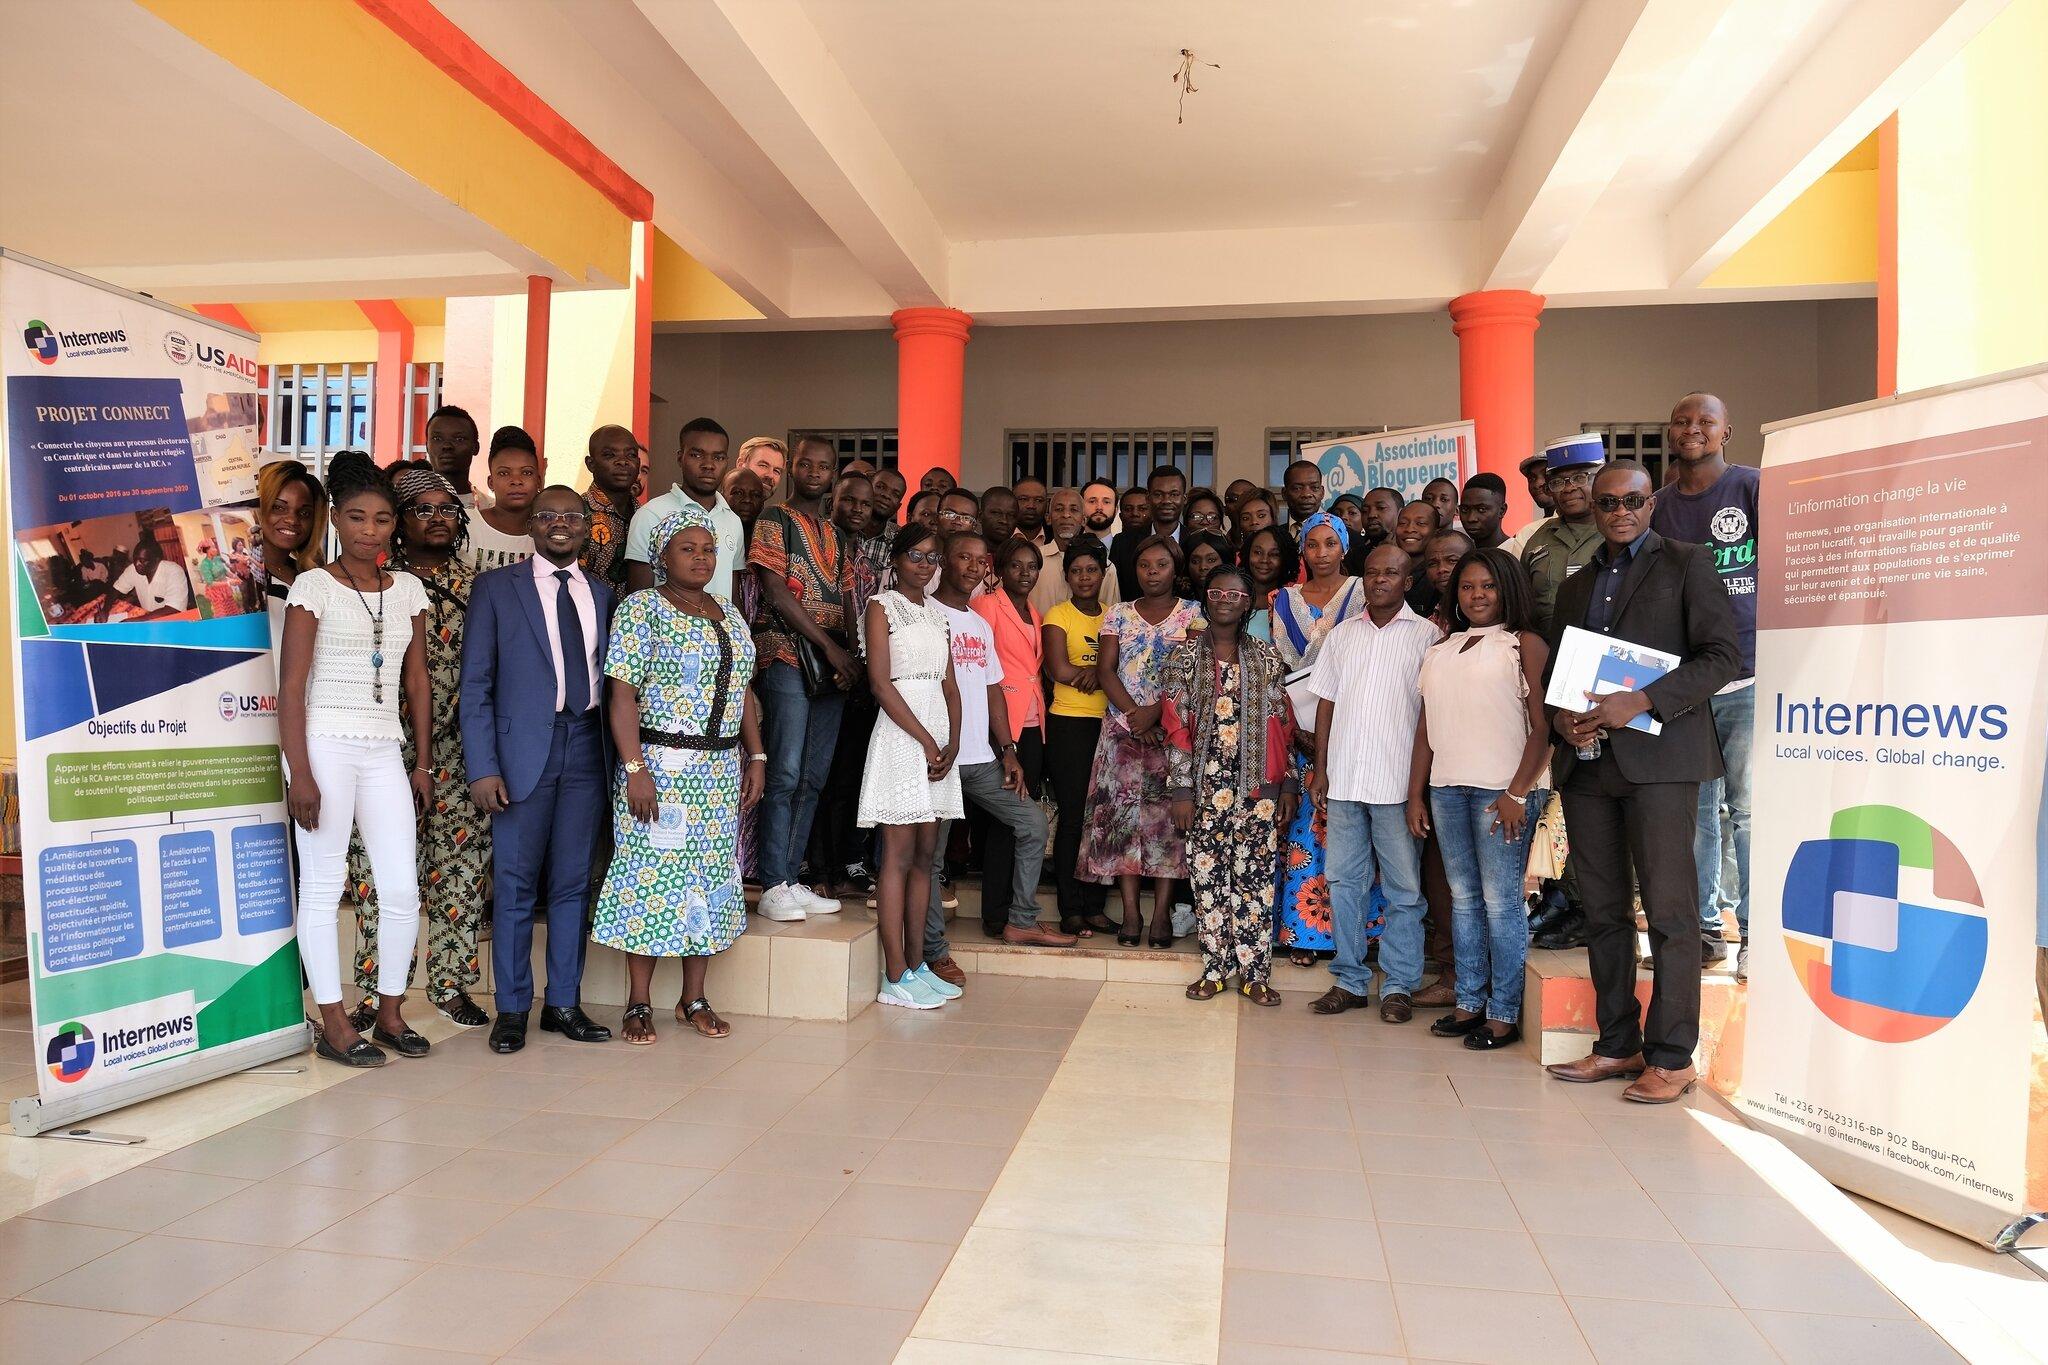 Centrafrique : L'ONG Internews Network RCA se félicite de bilan du « Projet CONNECT » qui soutient plus de 20 radios dans le pays